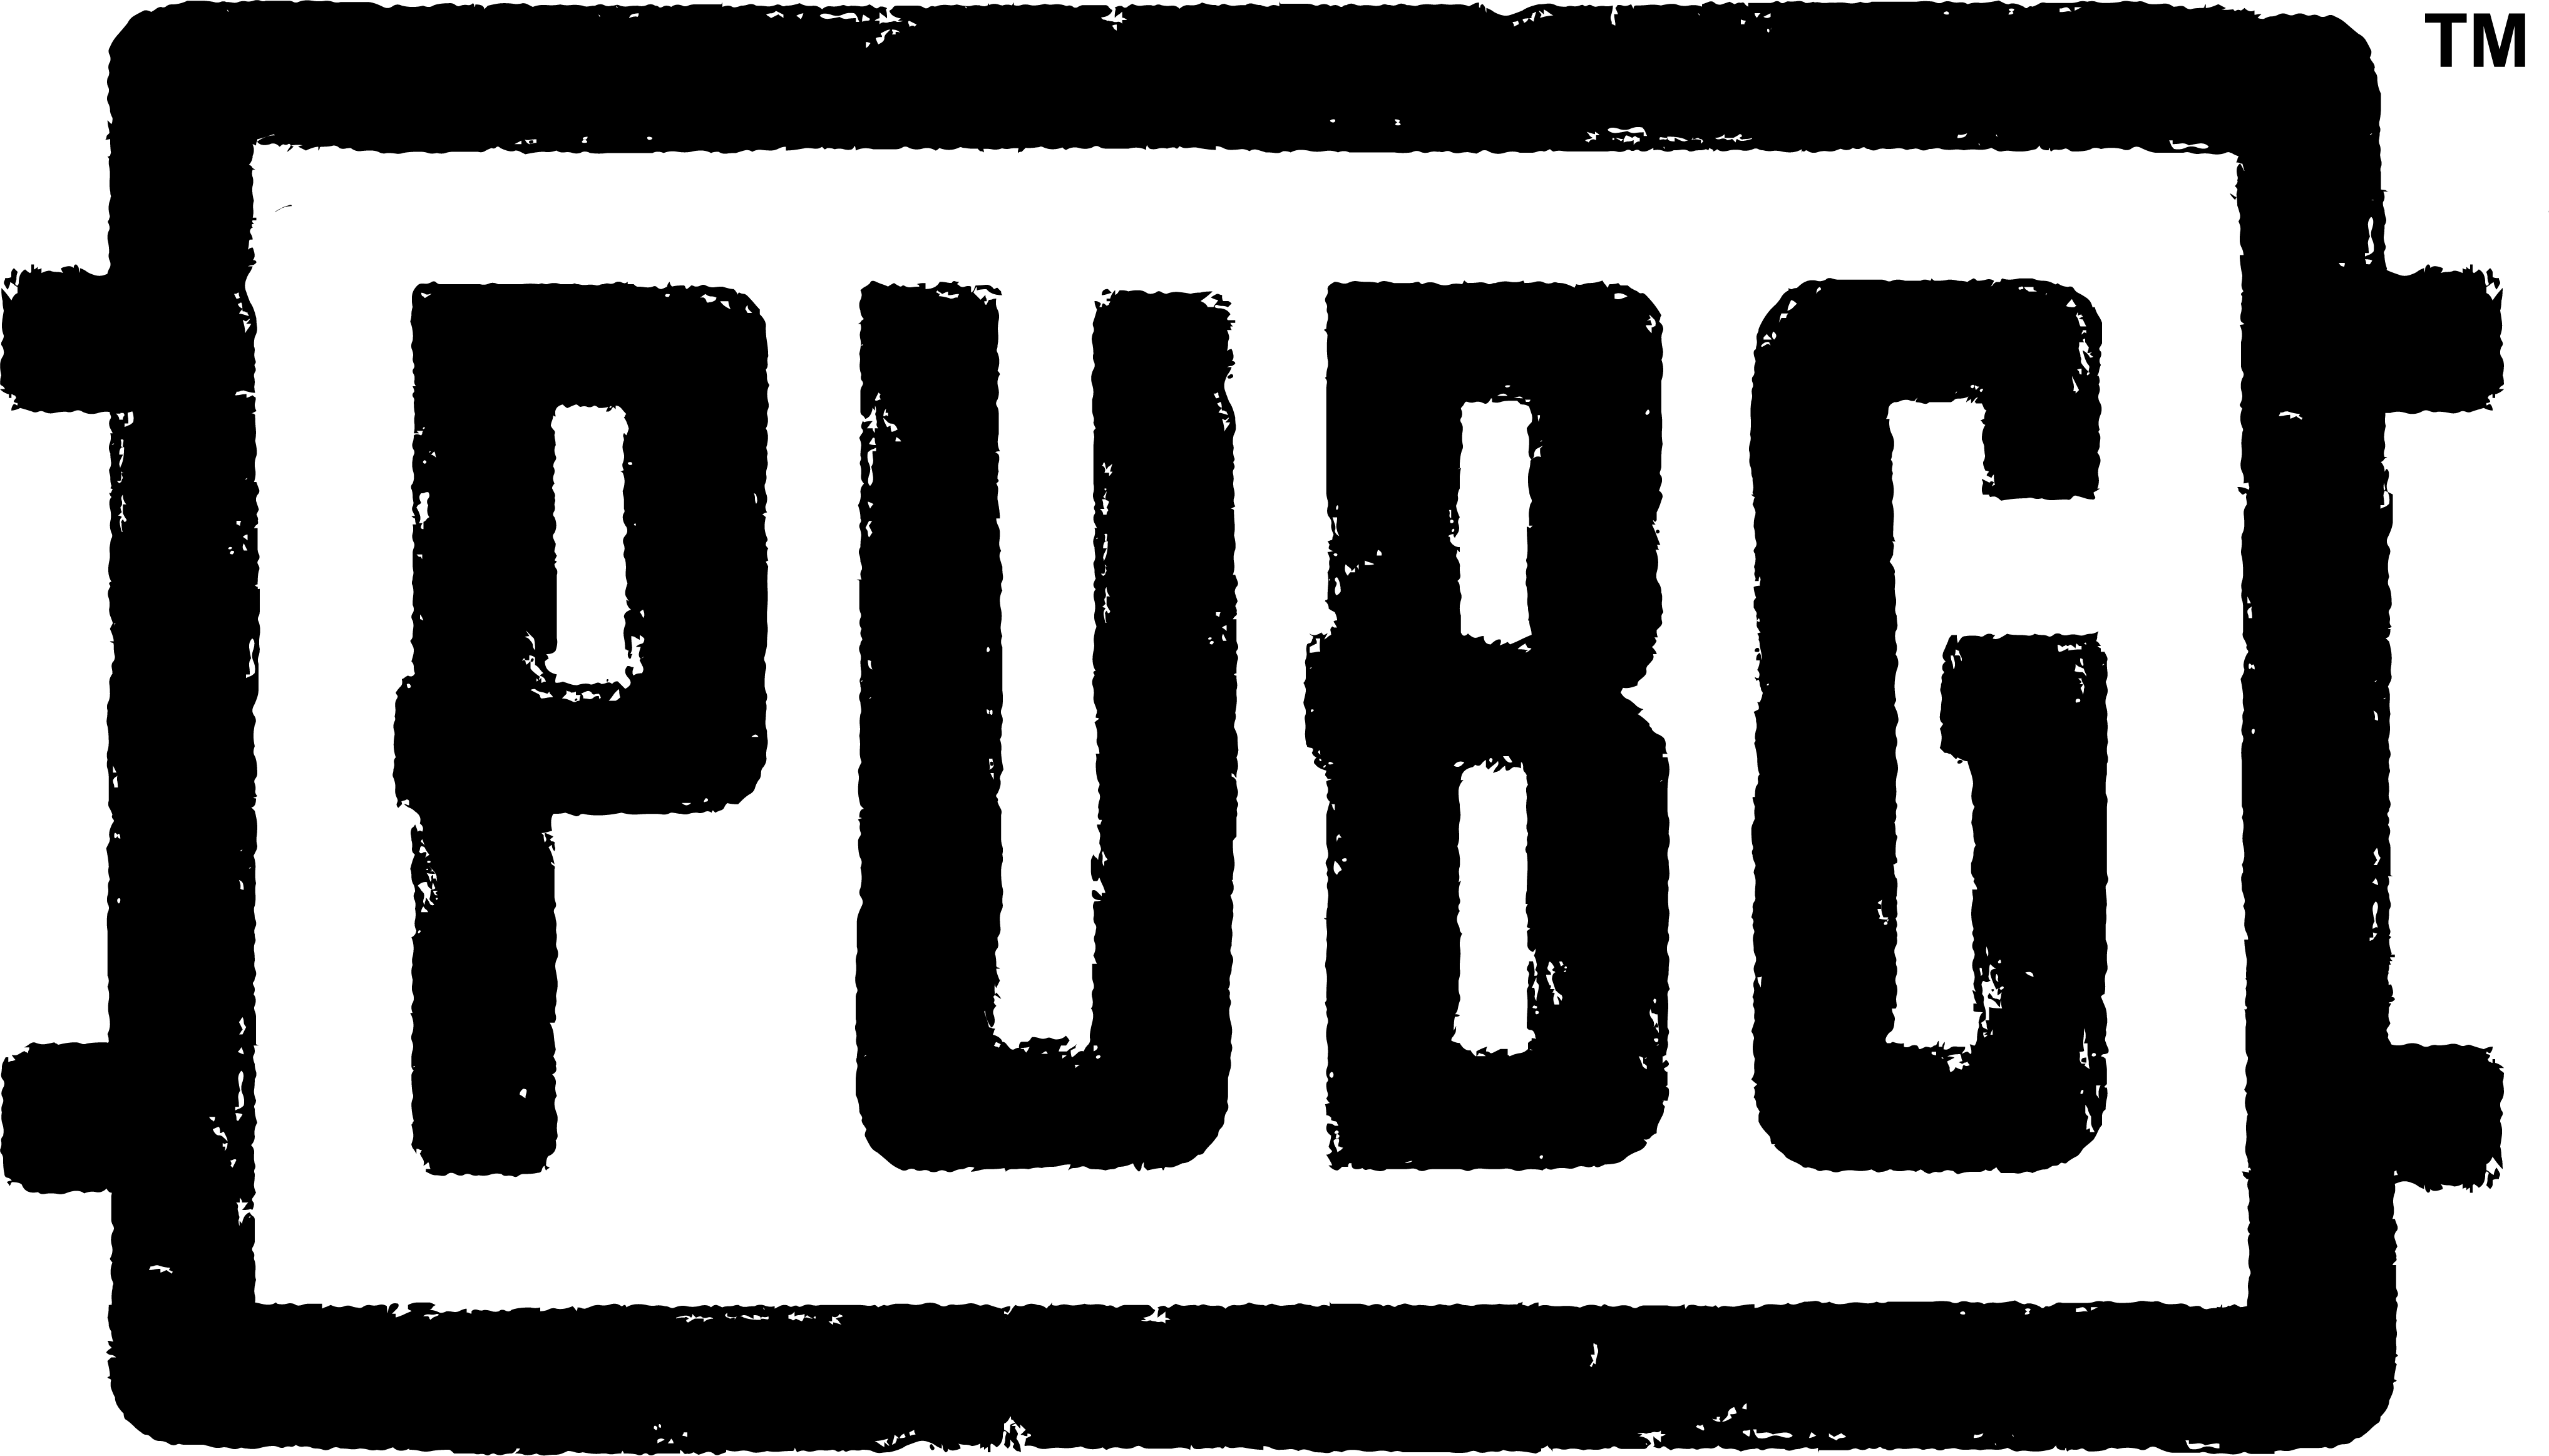 펍지(주)의 기업로고